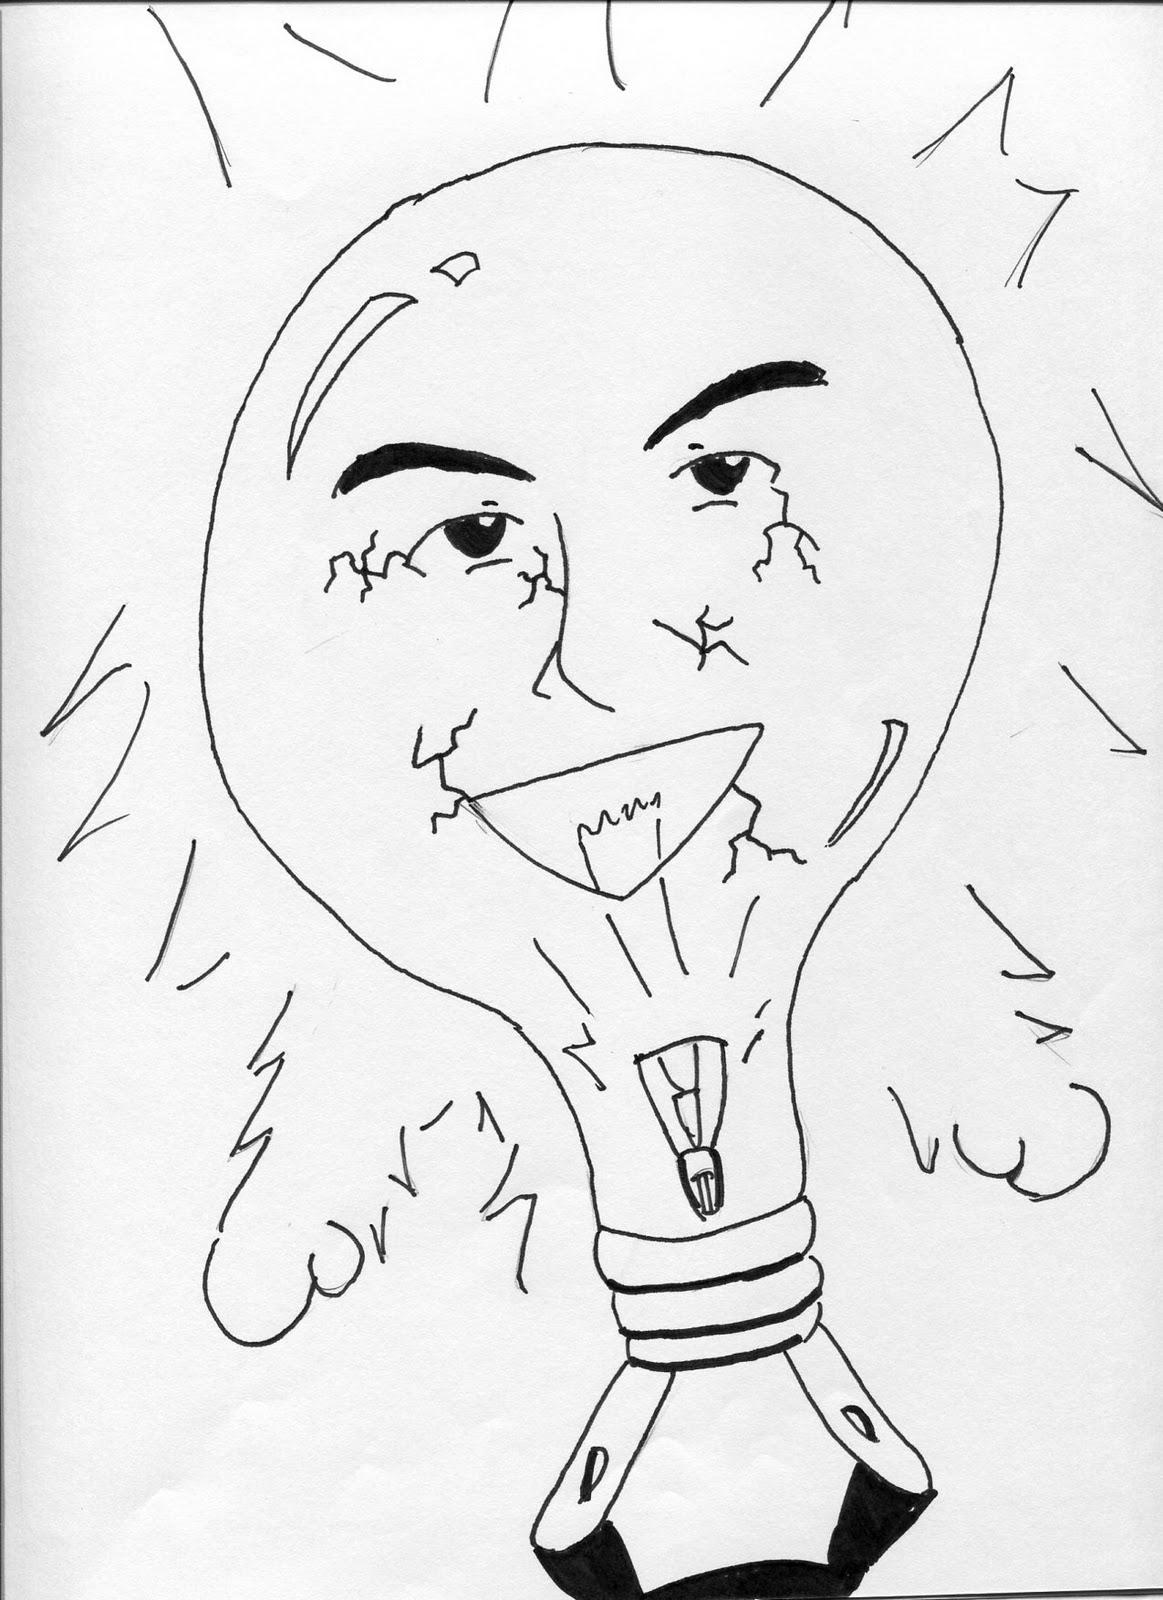 Drawingfreaks Freaky Fun Drawings: March 2011